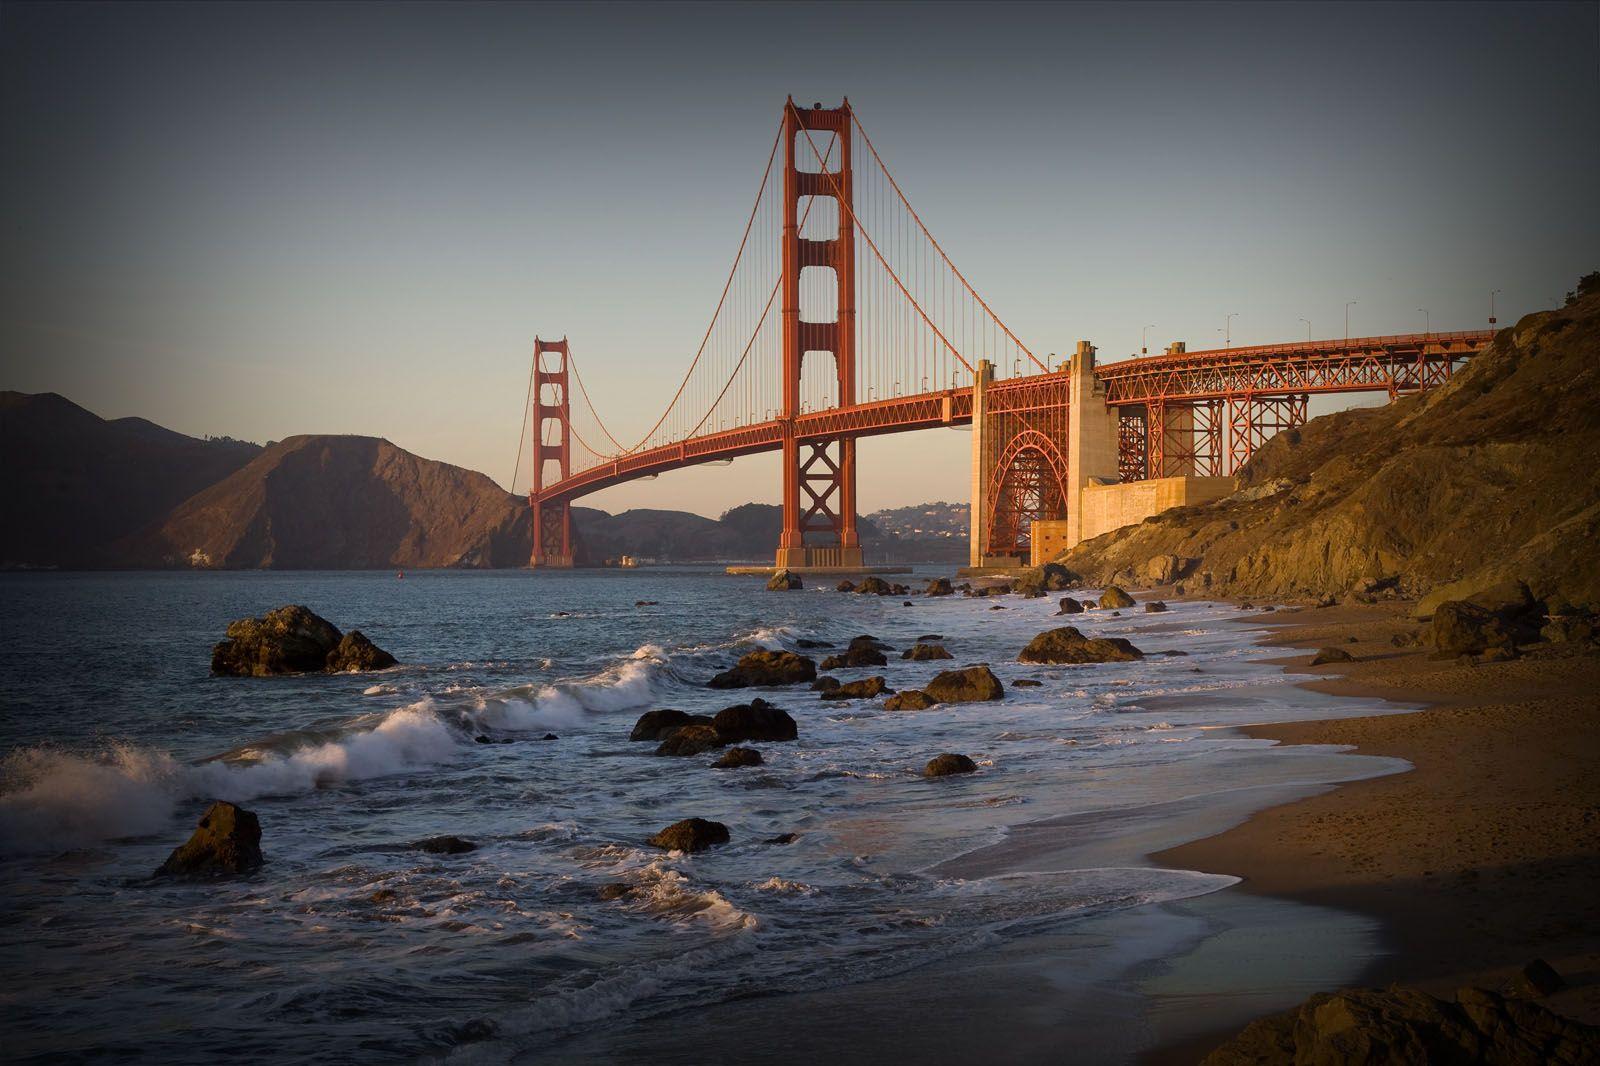 Pin On P H O T O S I Golden gate bridge sea coast rocks